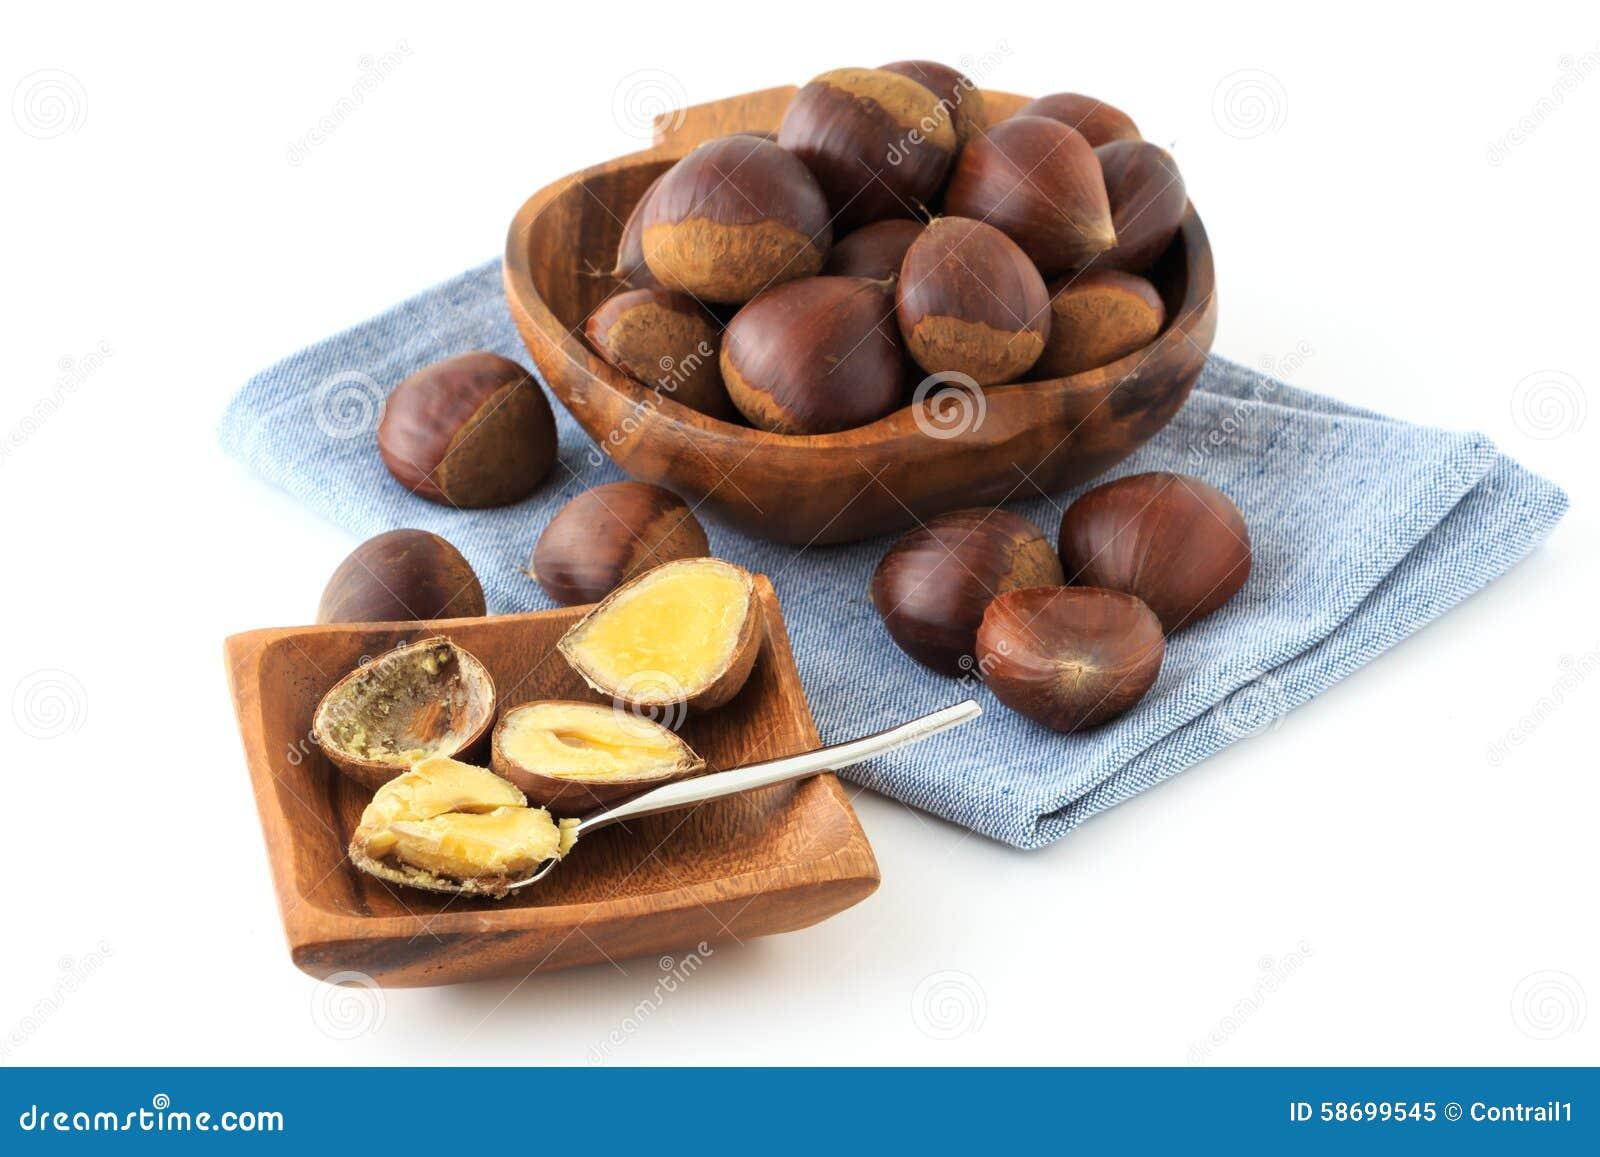 Many chestnut